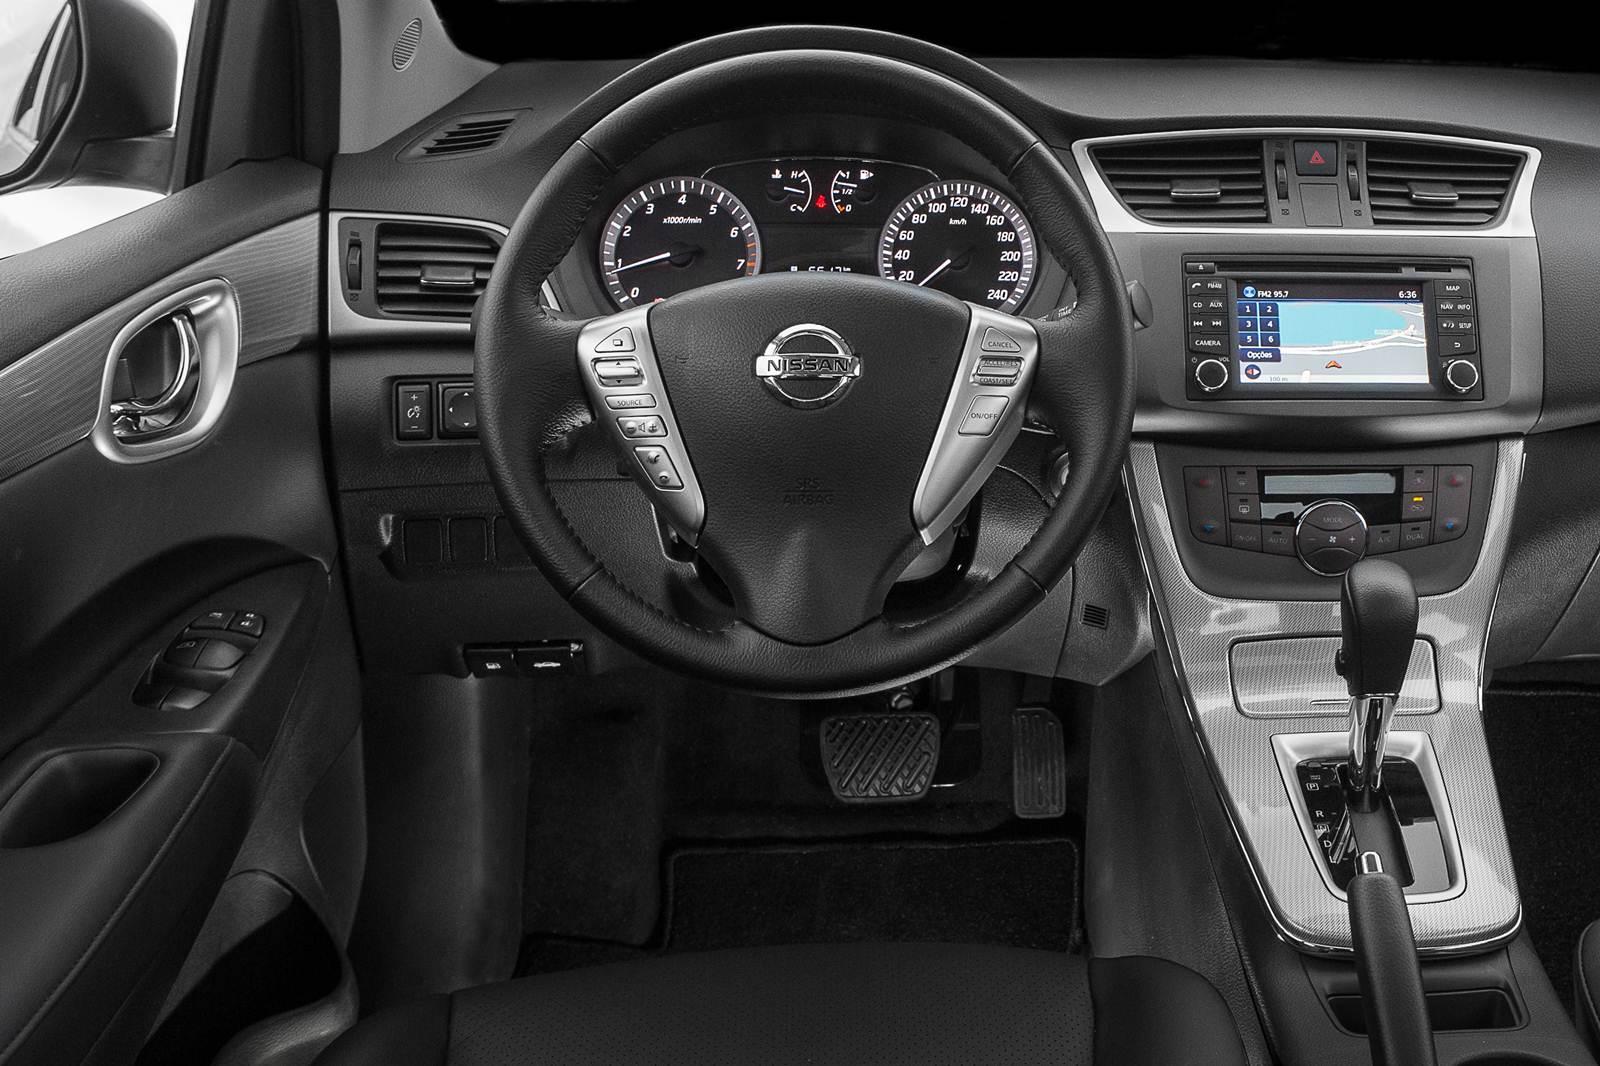 Novo Toyota Corolla 2015: vídeo oficial de apresentação ...